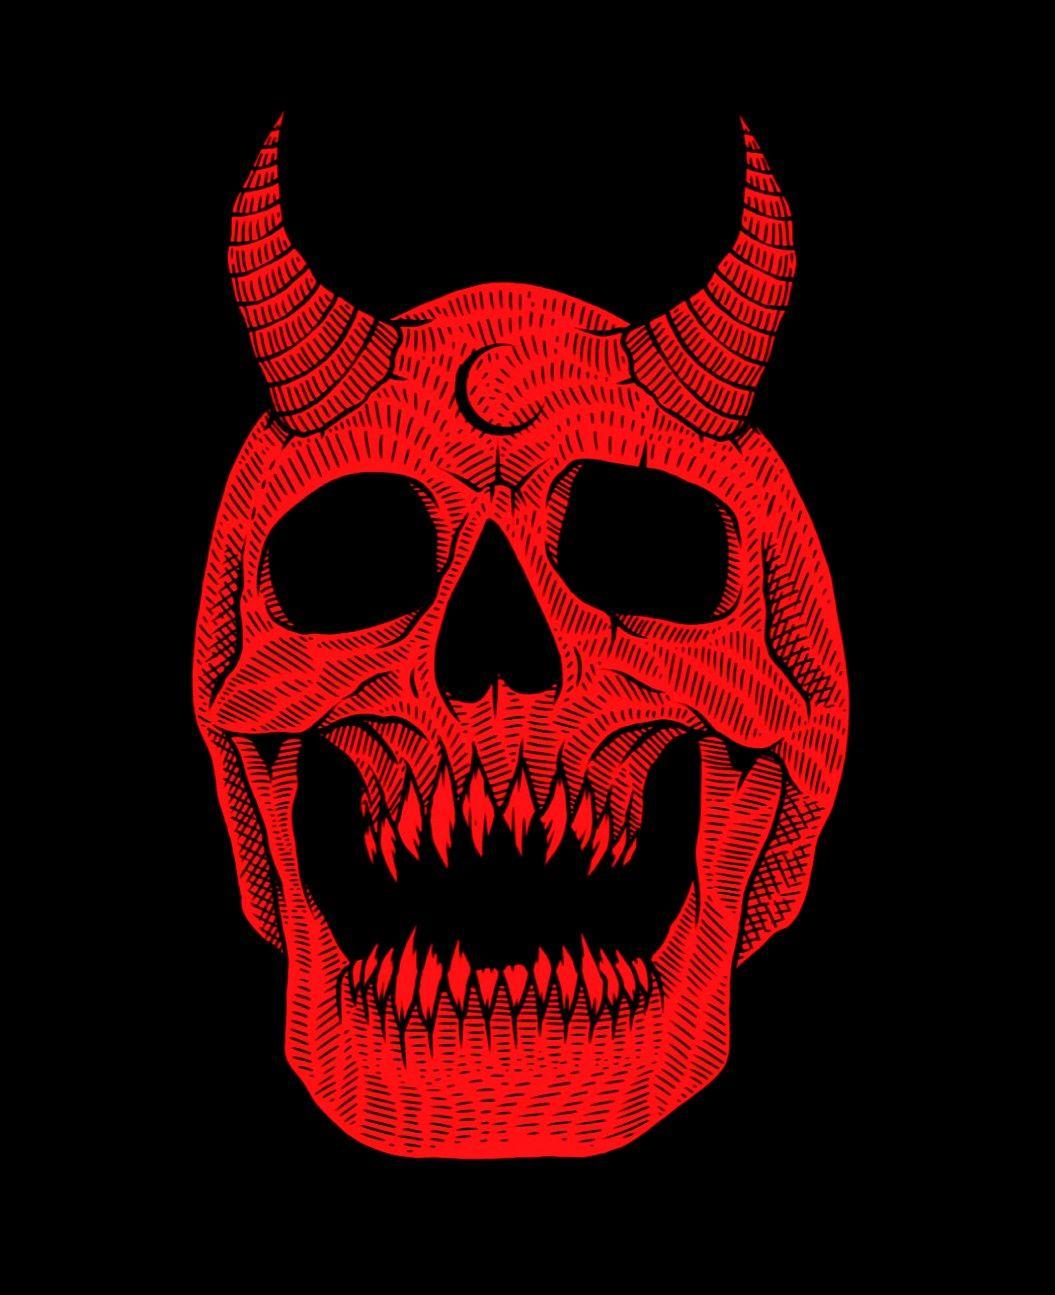 Red one skull. #redaesthetic